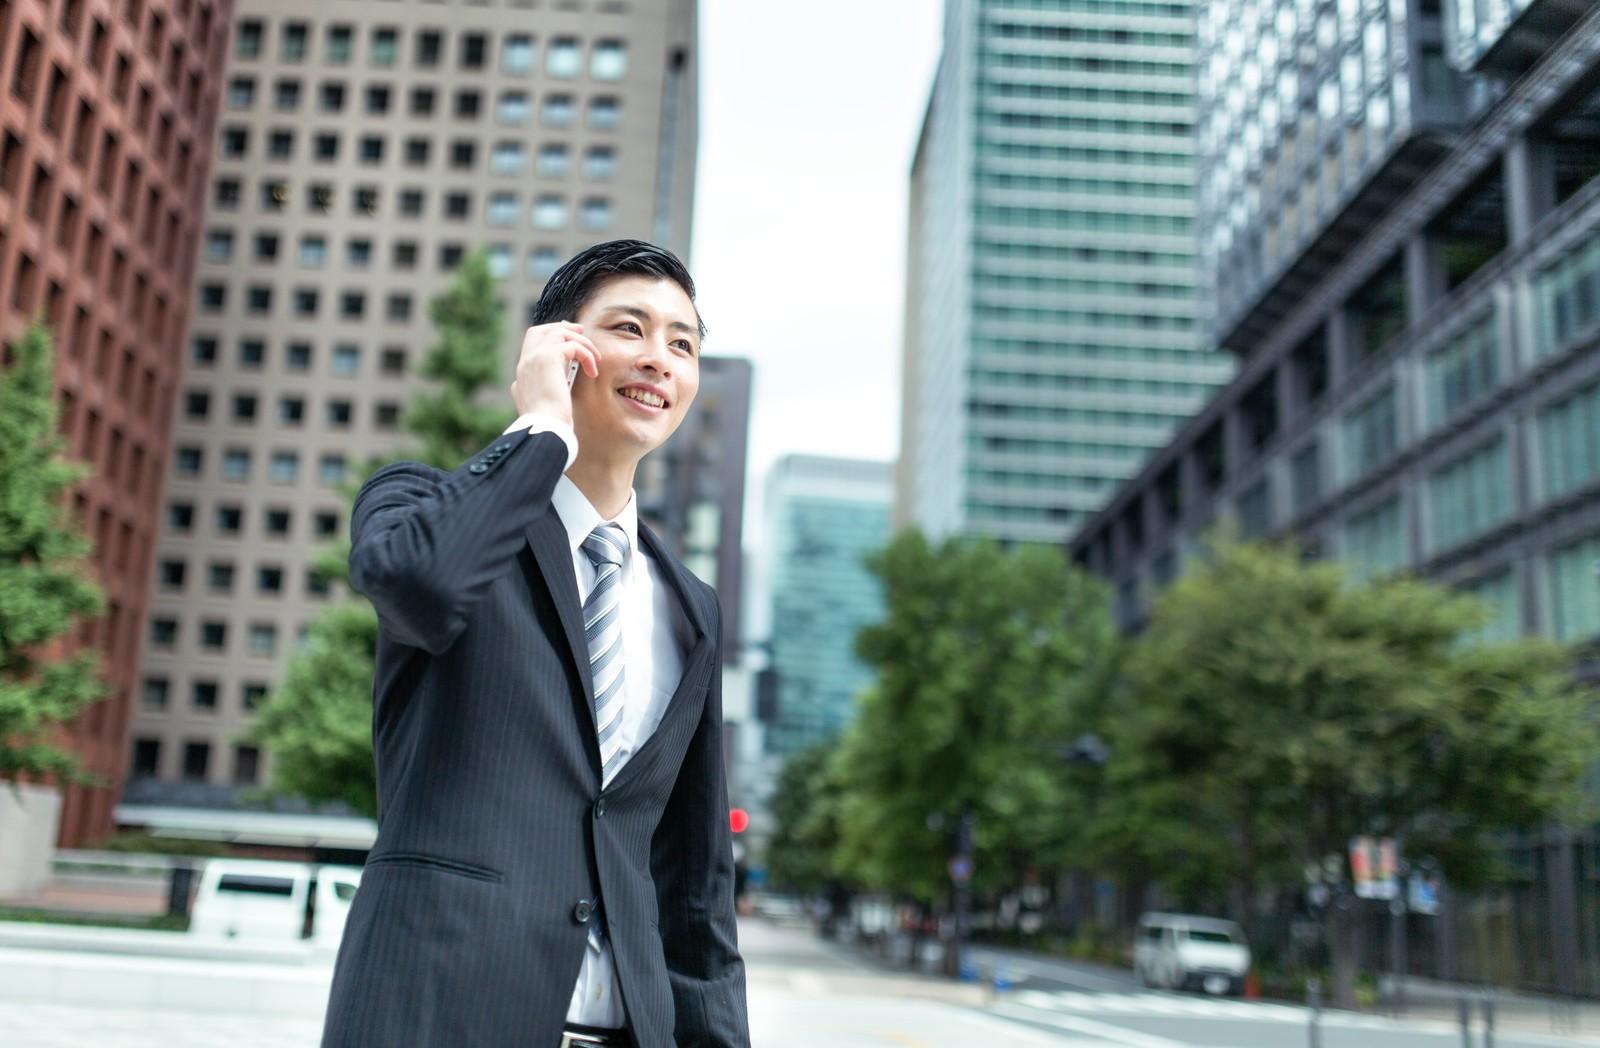 中小企業から大企業に転職を成功させた人の体験談、安定、高年収を手に入れた方法とは?